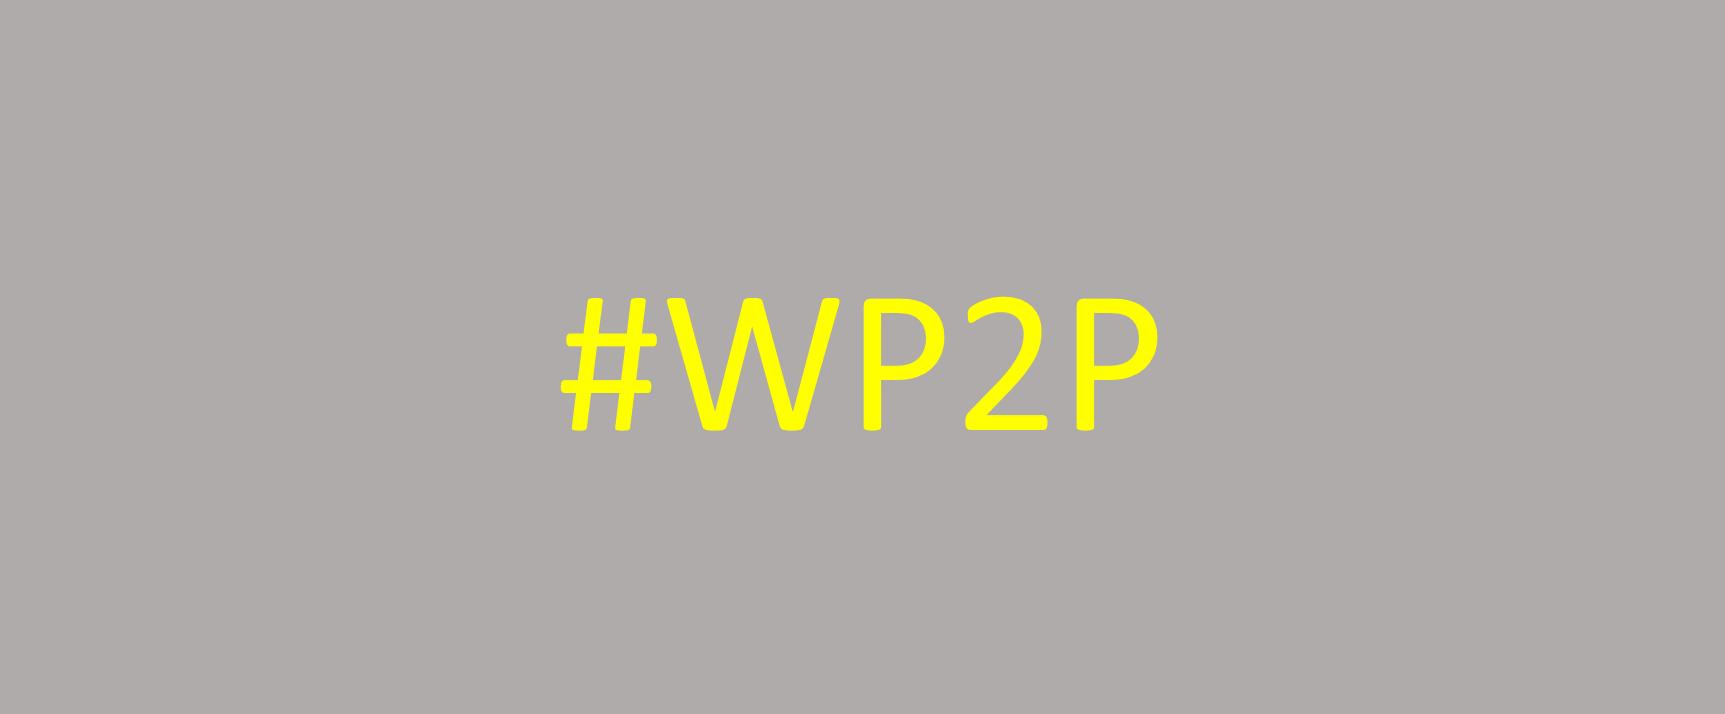 #wp2p welding purpose to priorities